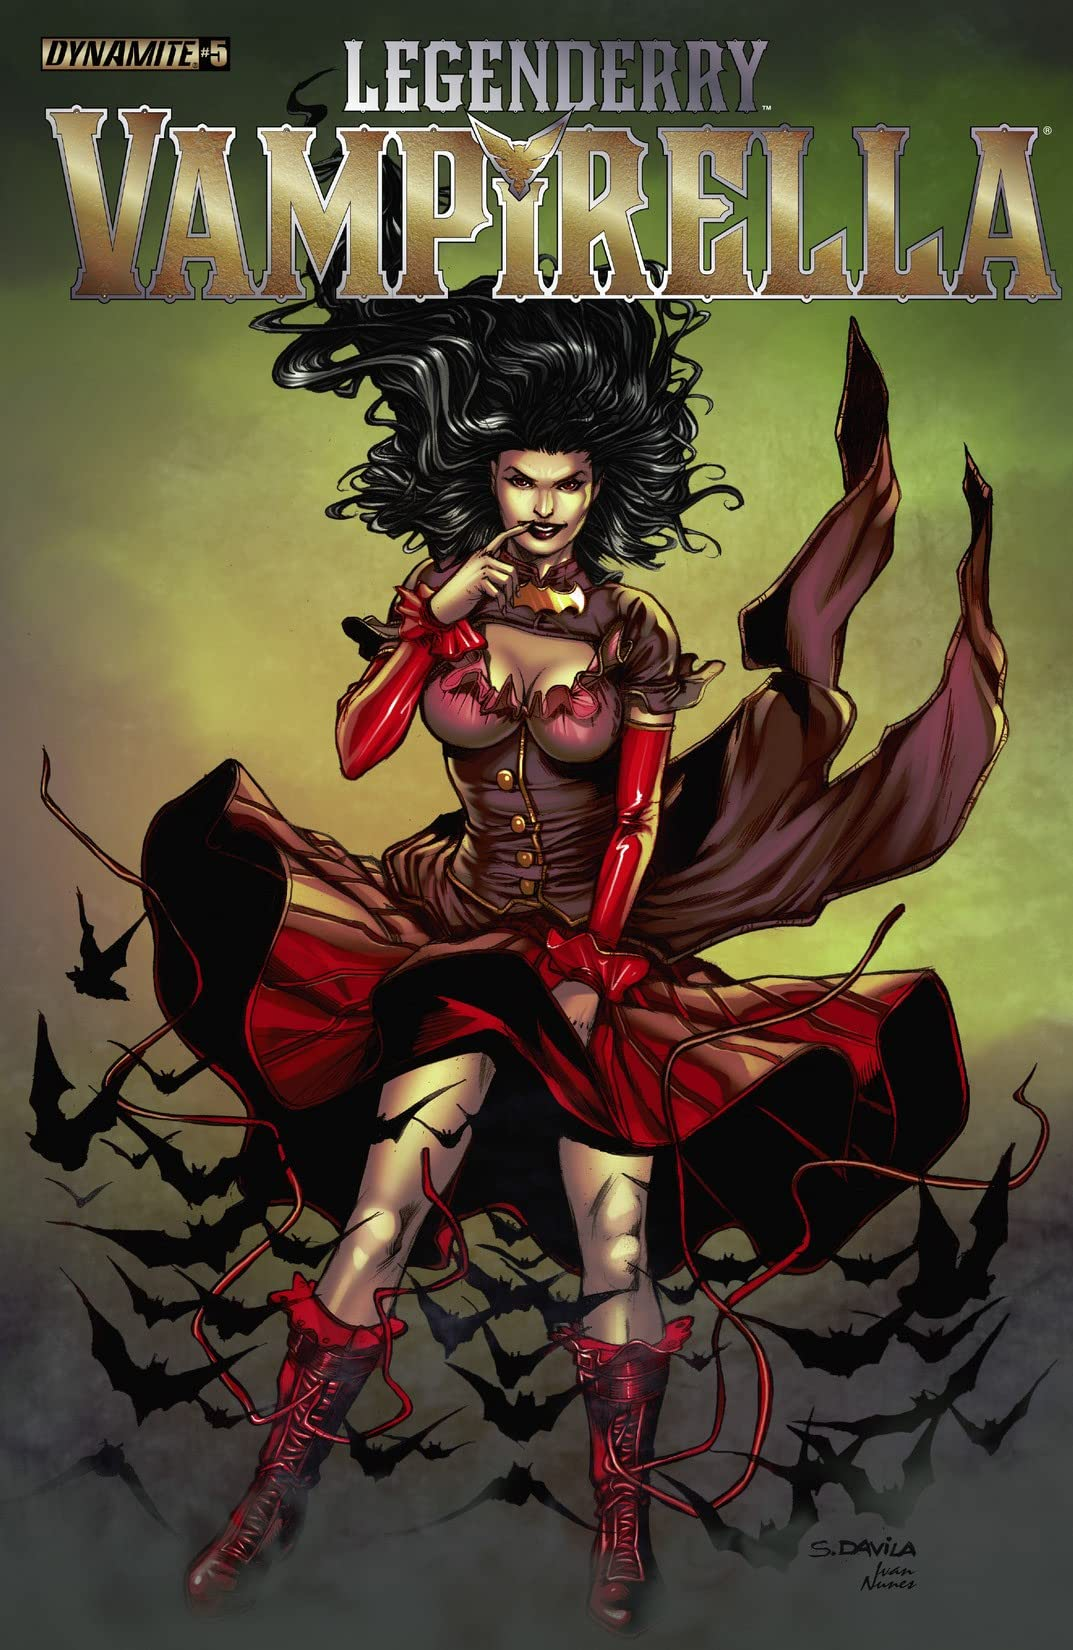 Legenderry: Vampirella #5 (of 5): Digital Exclusive Edition